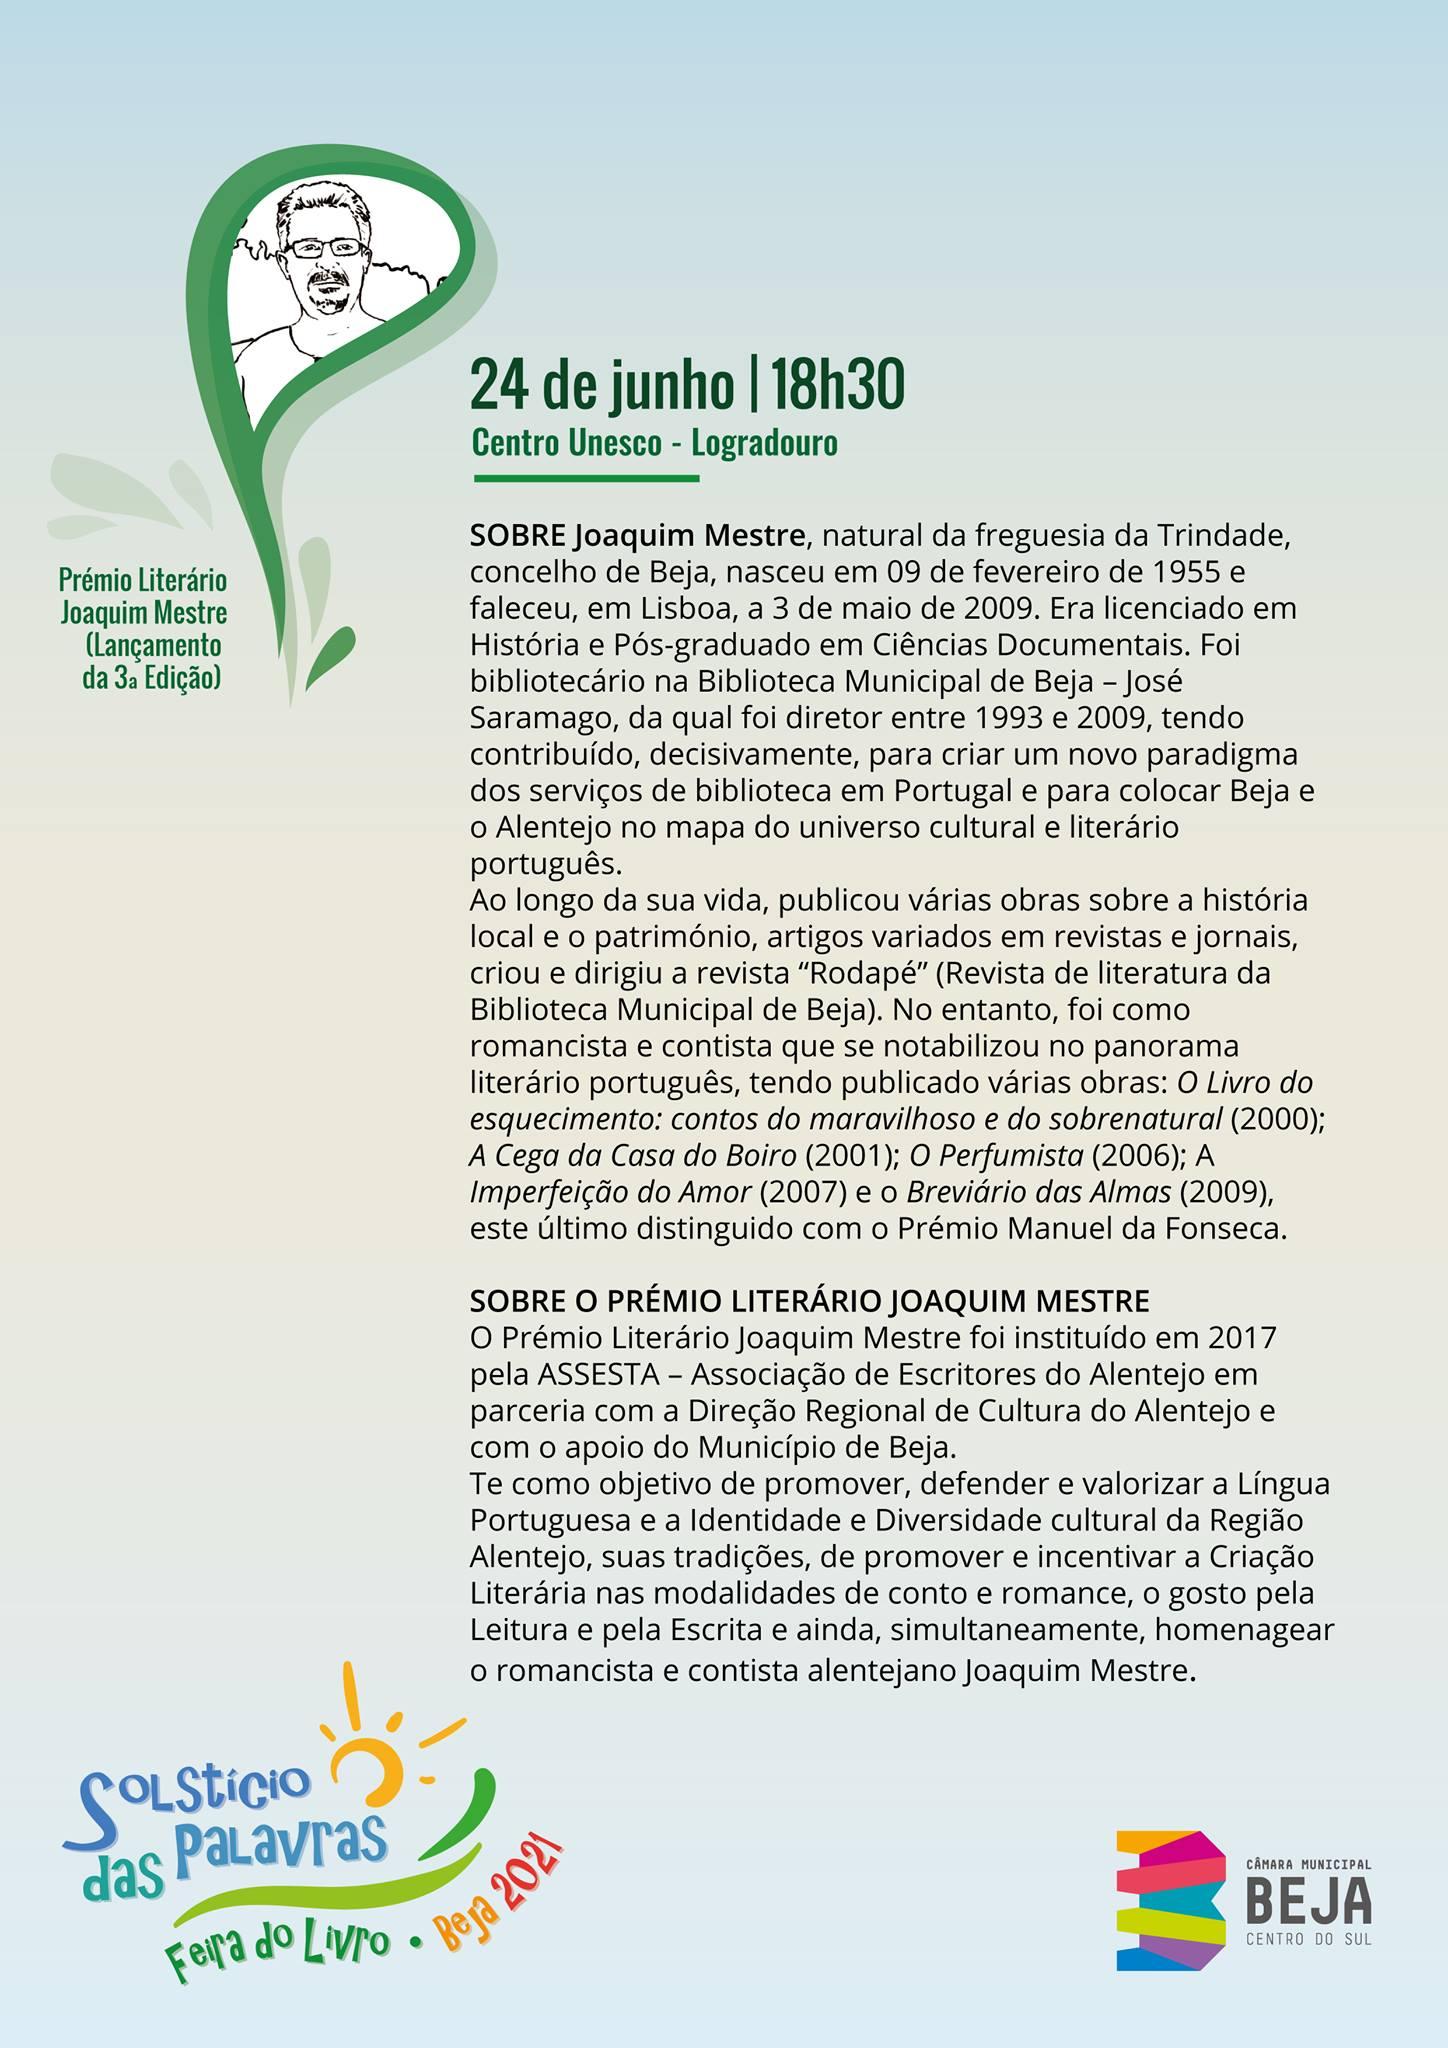 3a edição do Prémio Literário Joaquim Mestre na Feira do Livro - Solstício das Palavras